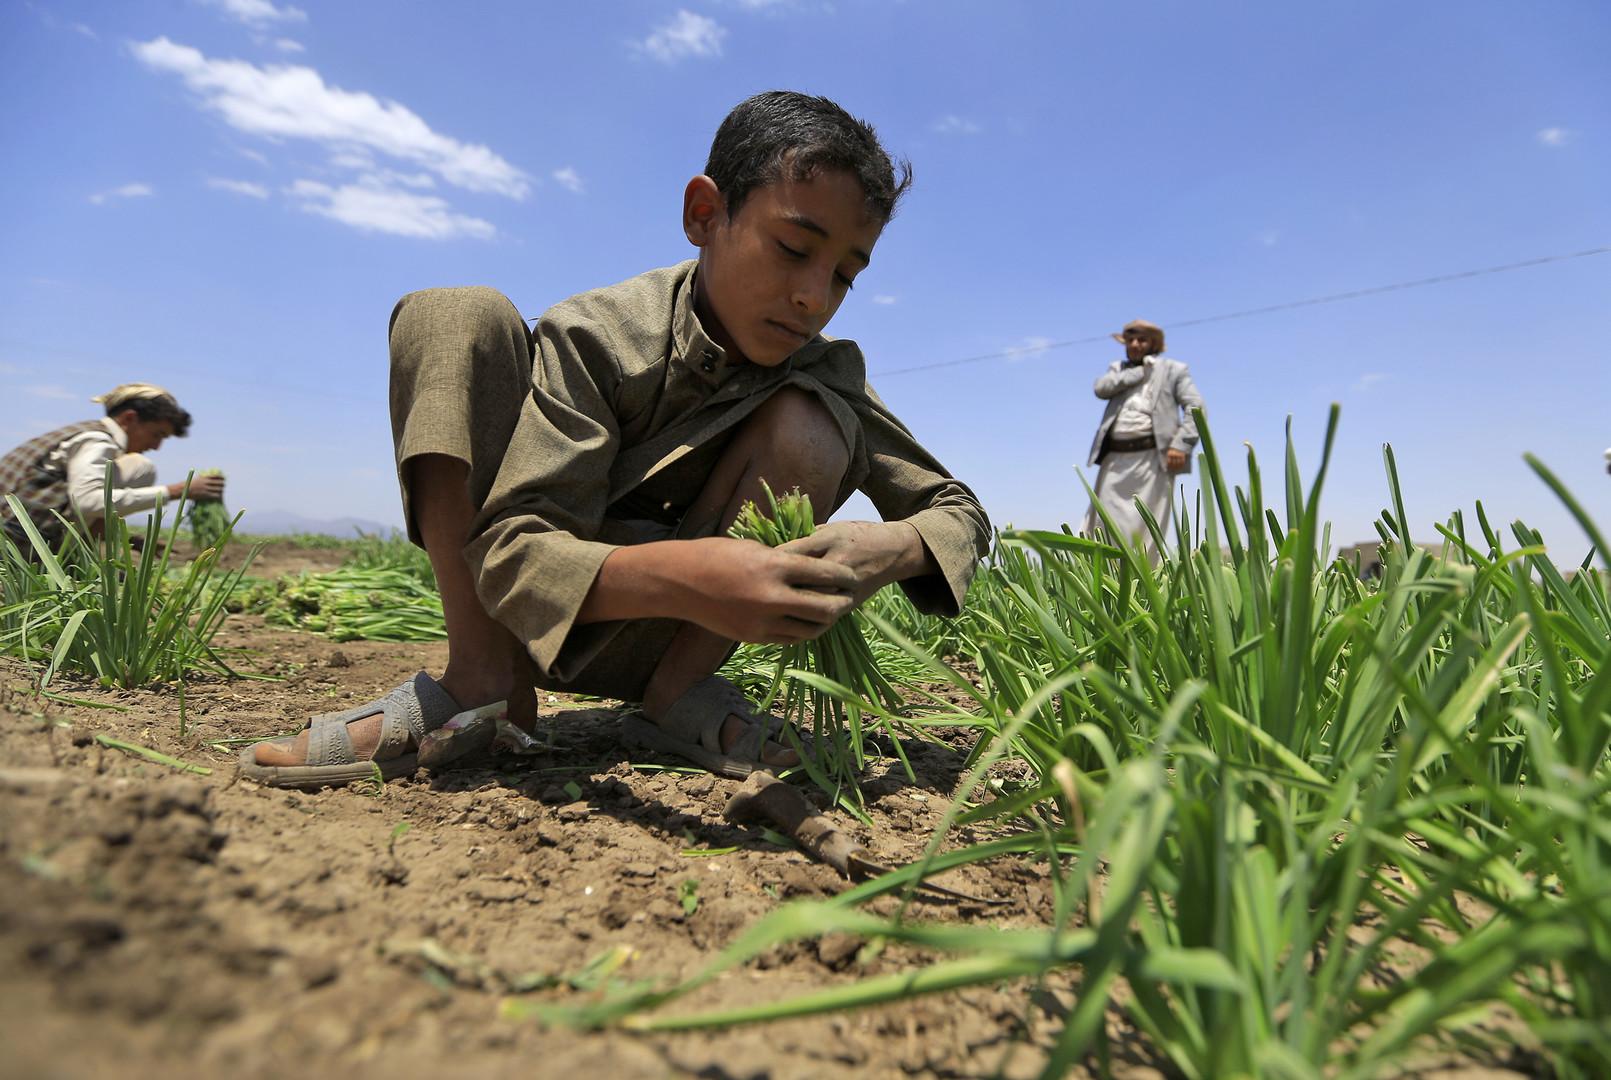 """Jemenitische Bauern, darunter ein Kind, arbeiten am 19. September 2018 in einem Gemüsefeld am Rande von Sanaa. Save the Children warnt davor, dass eine ganze Generation mit Tod und """"Hungersnot in einem nie dagewesenen Ausmaß"""" konfrontiert sein könnte."""